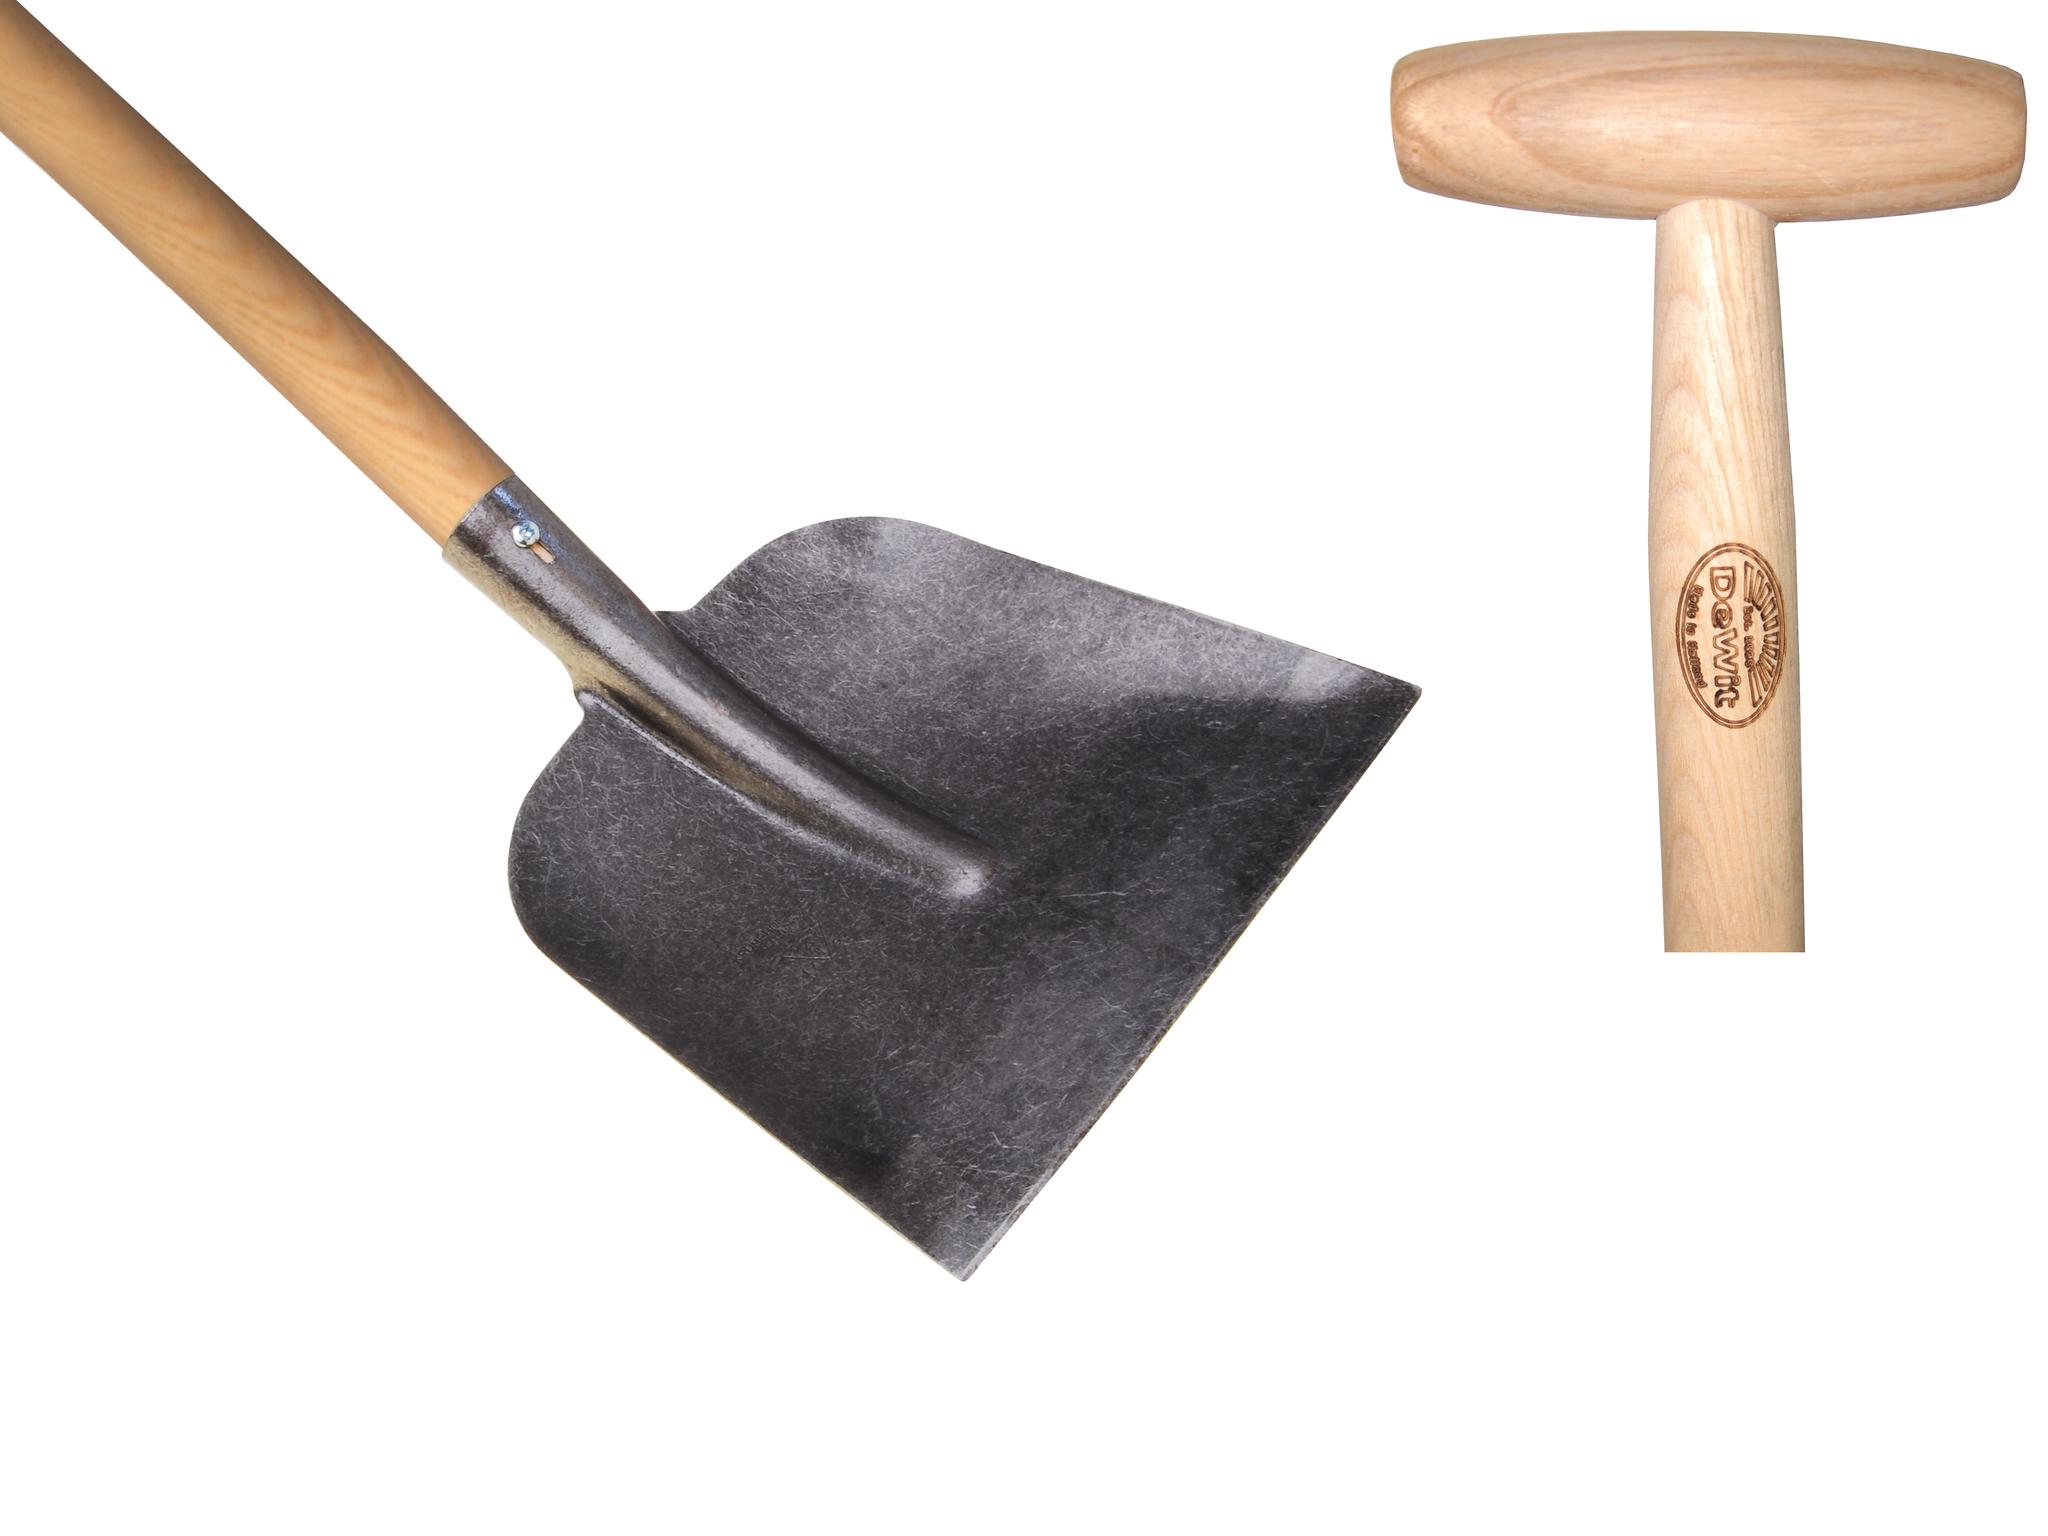 Совковая лопата DeWit